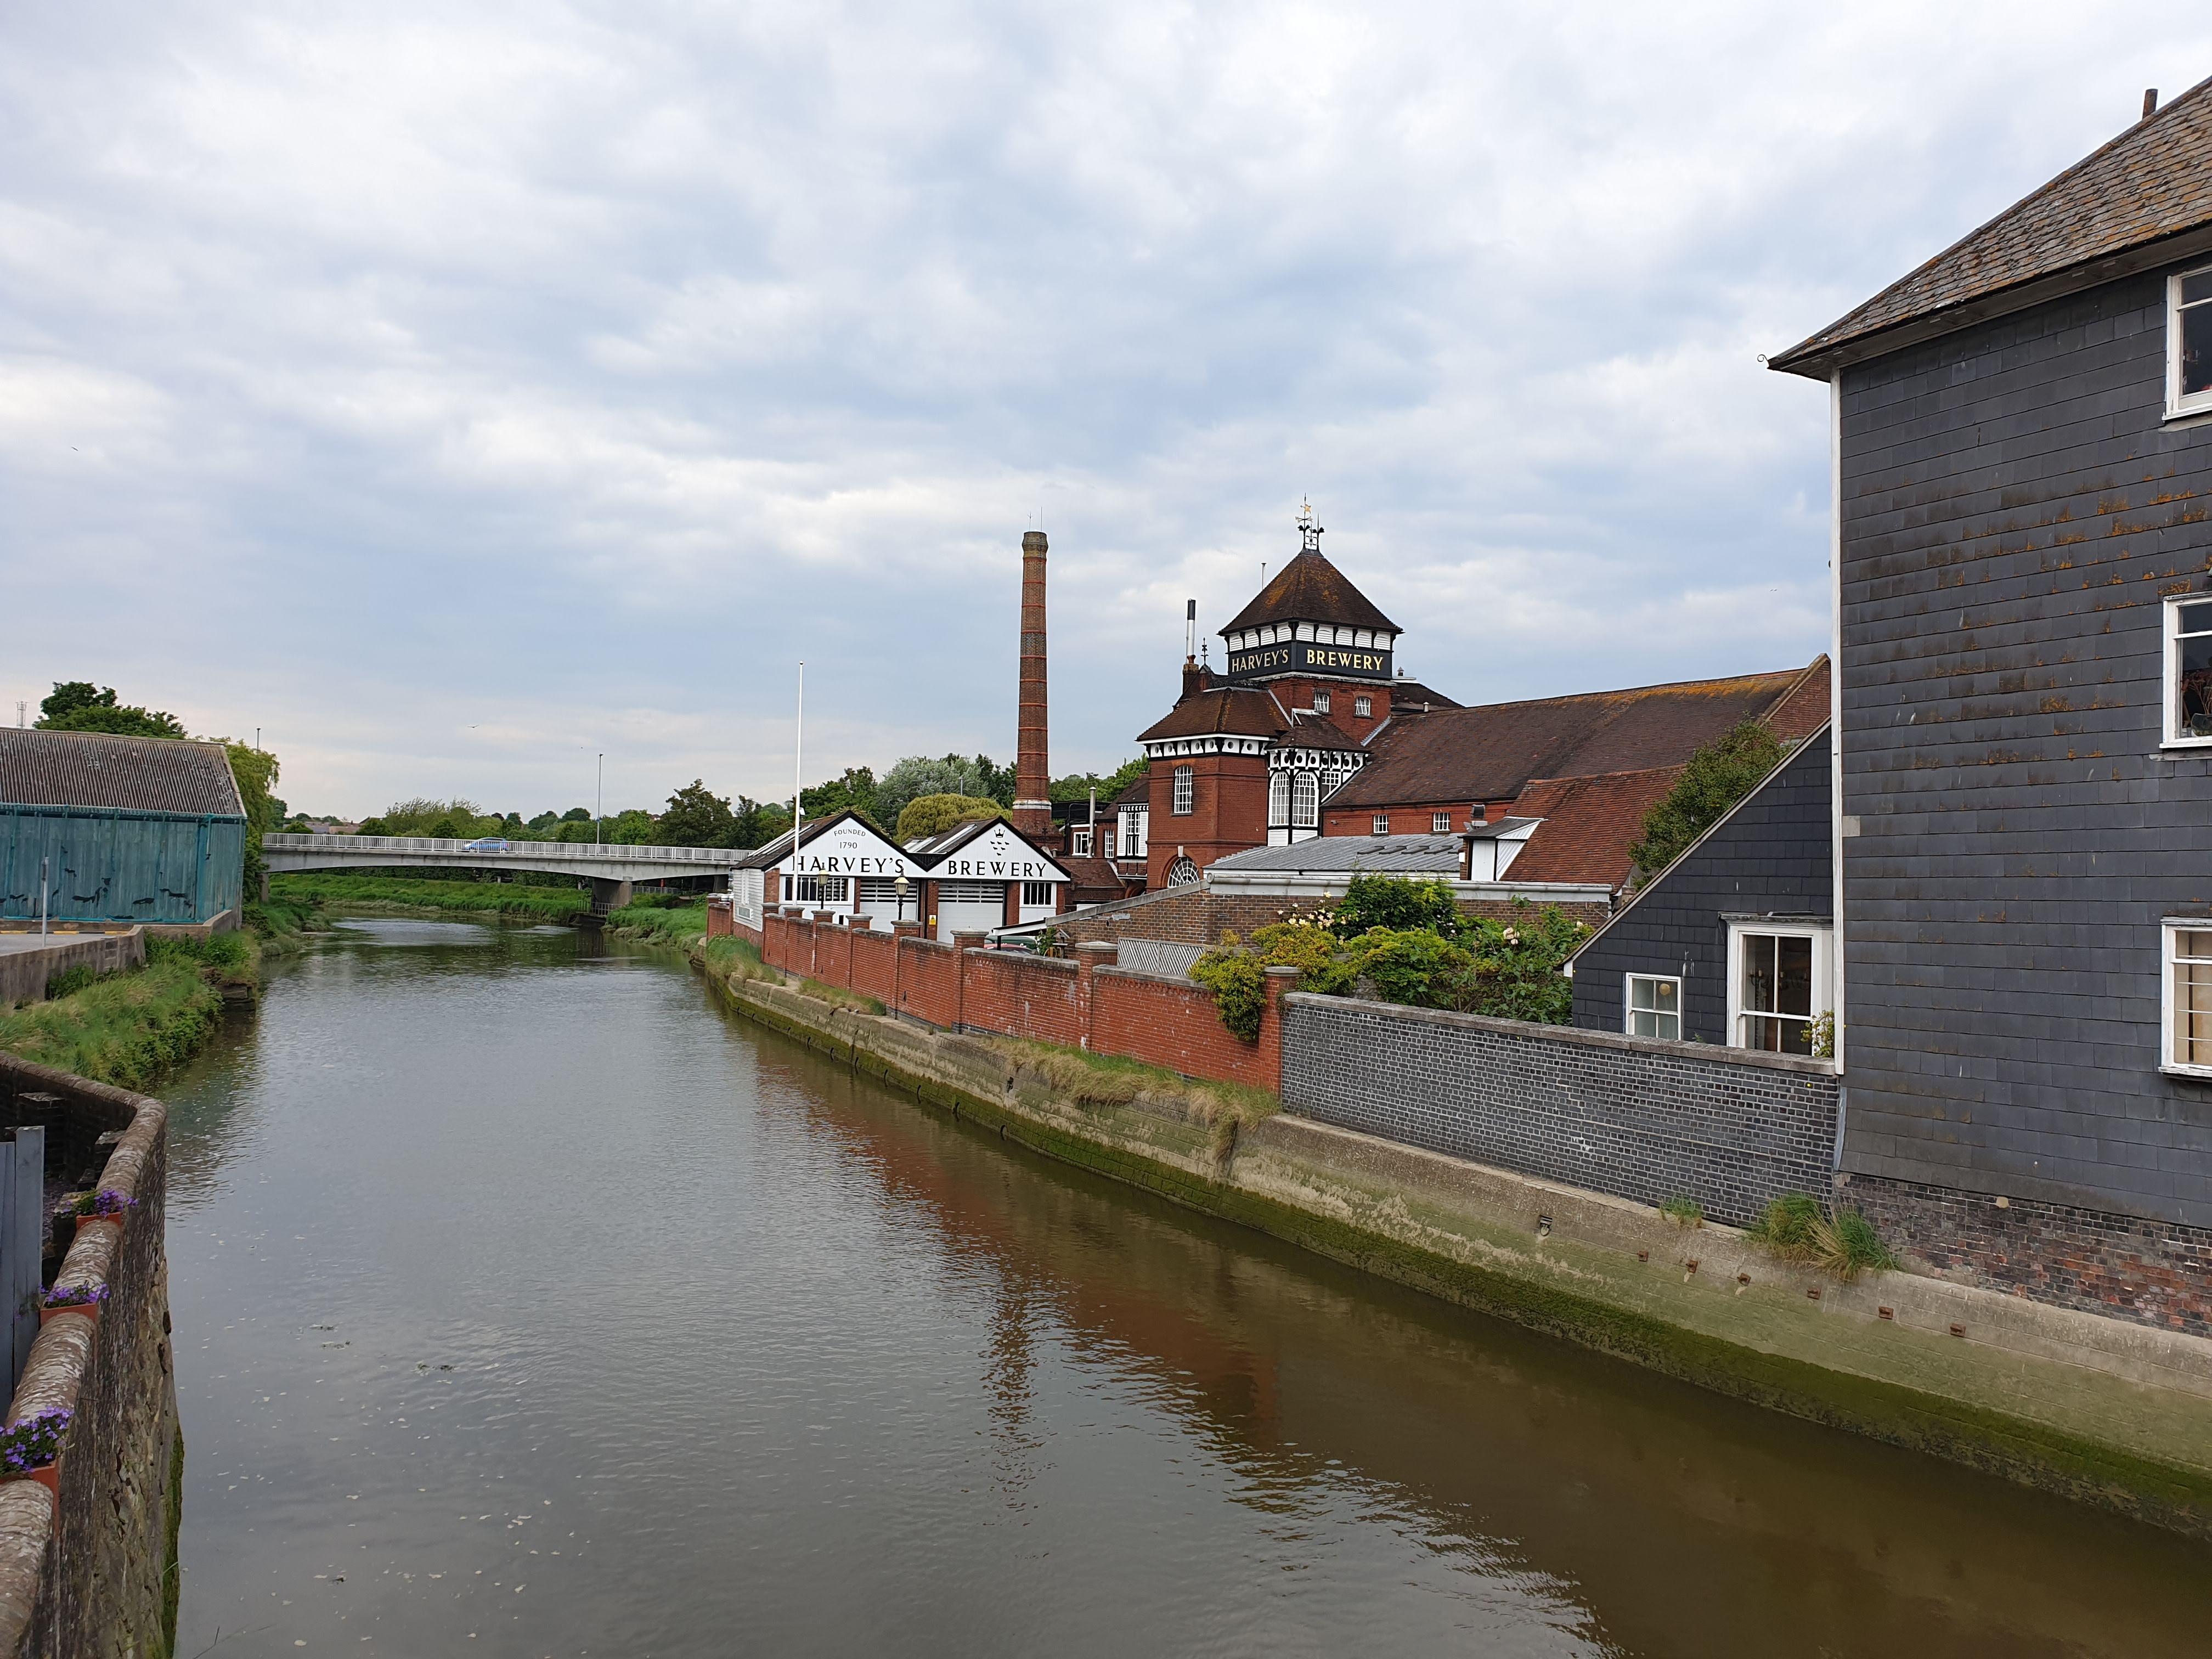 20190524 Lewes brewery _175826